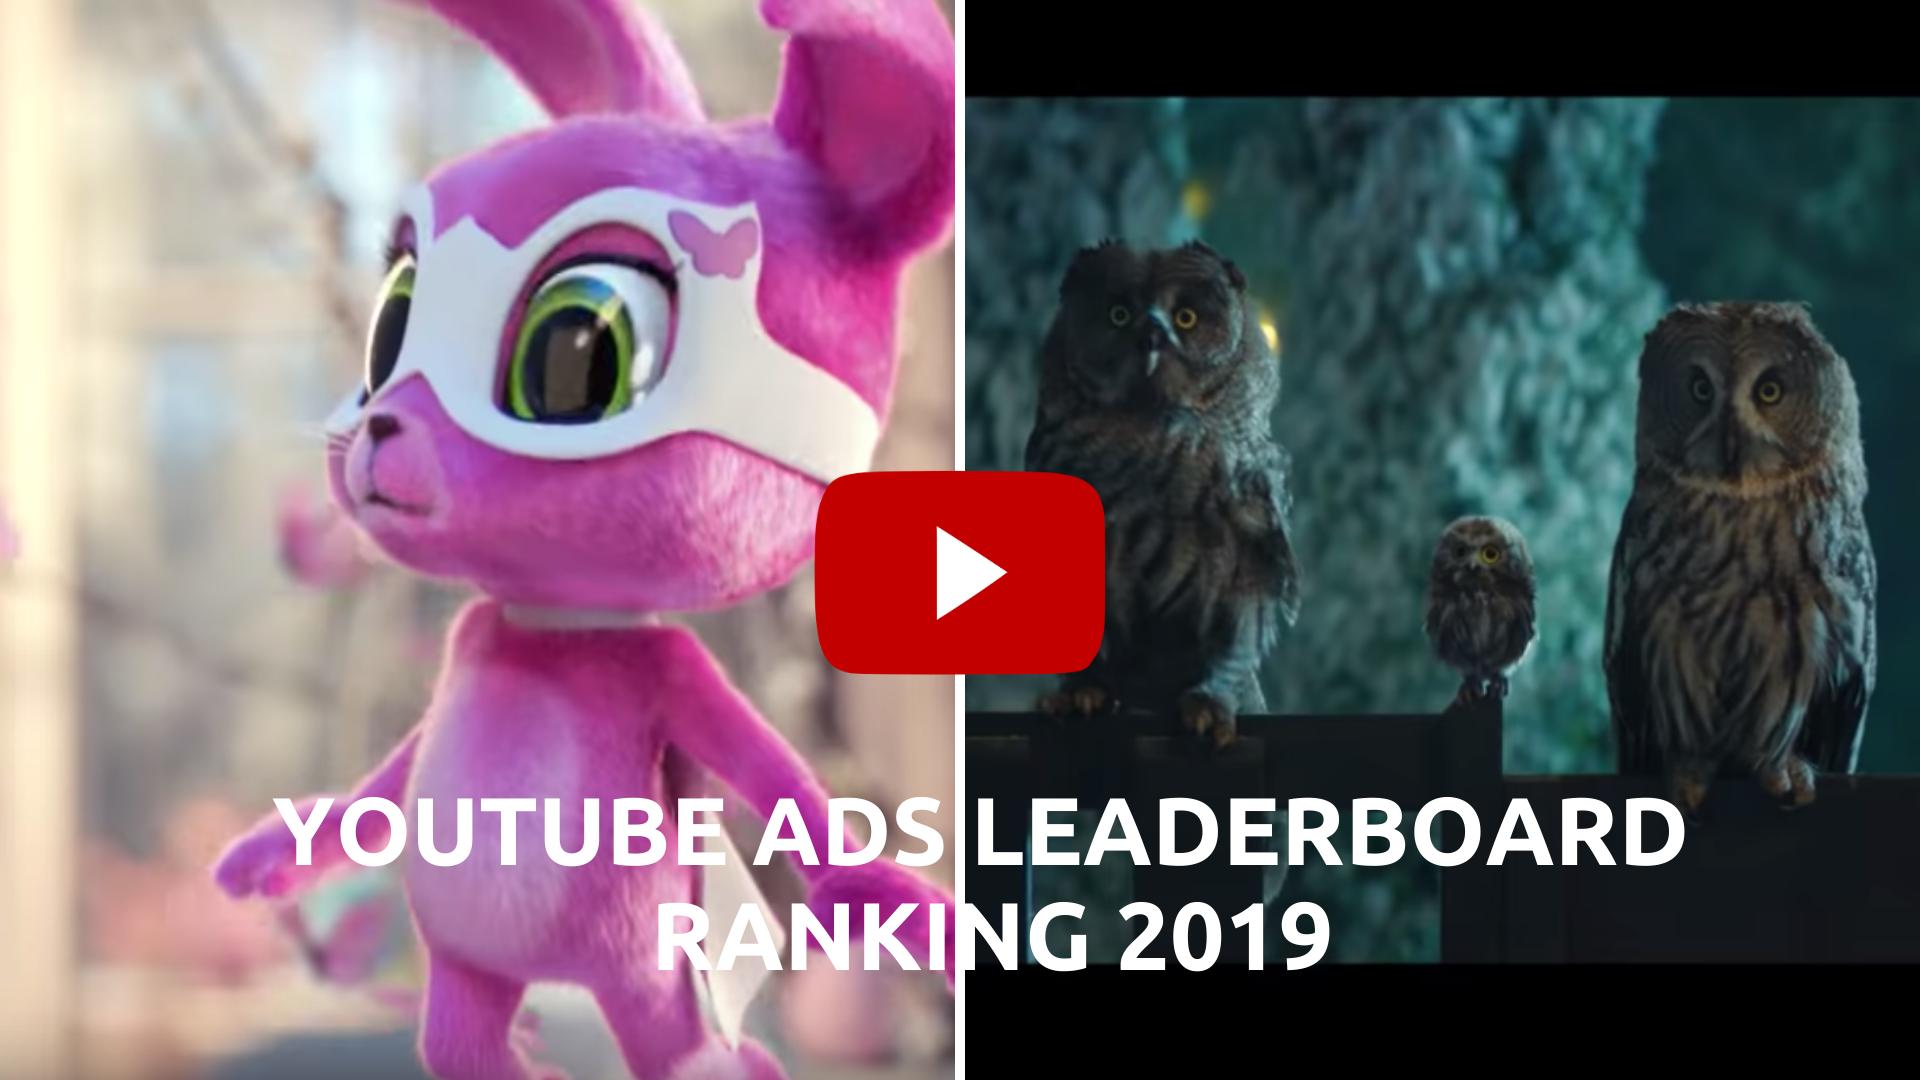 YouTube Ads Leaderboard Ranking Schweiz 2019: Migros tierisch gut – Alle Topten Ads und Siegerinterview